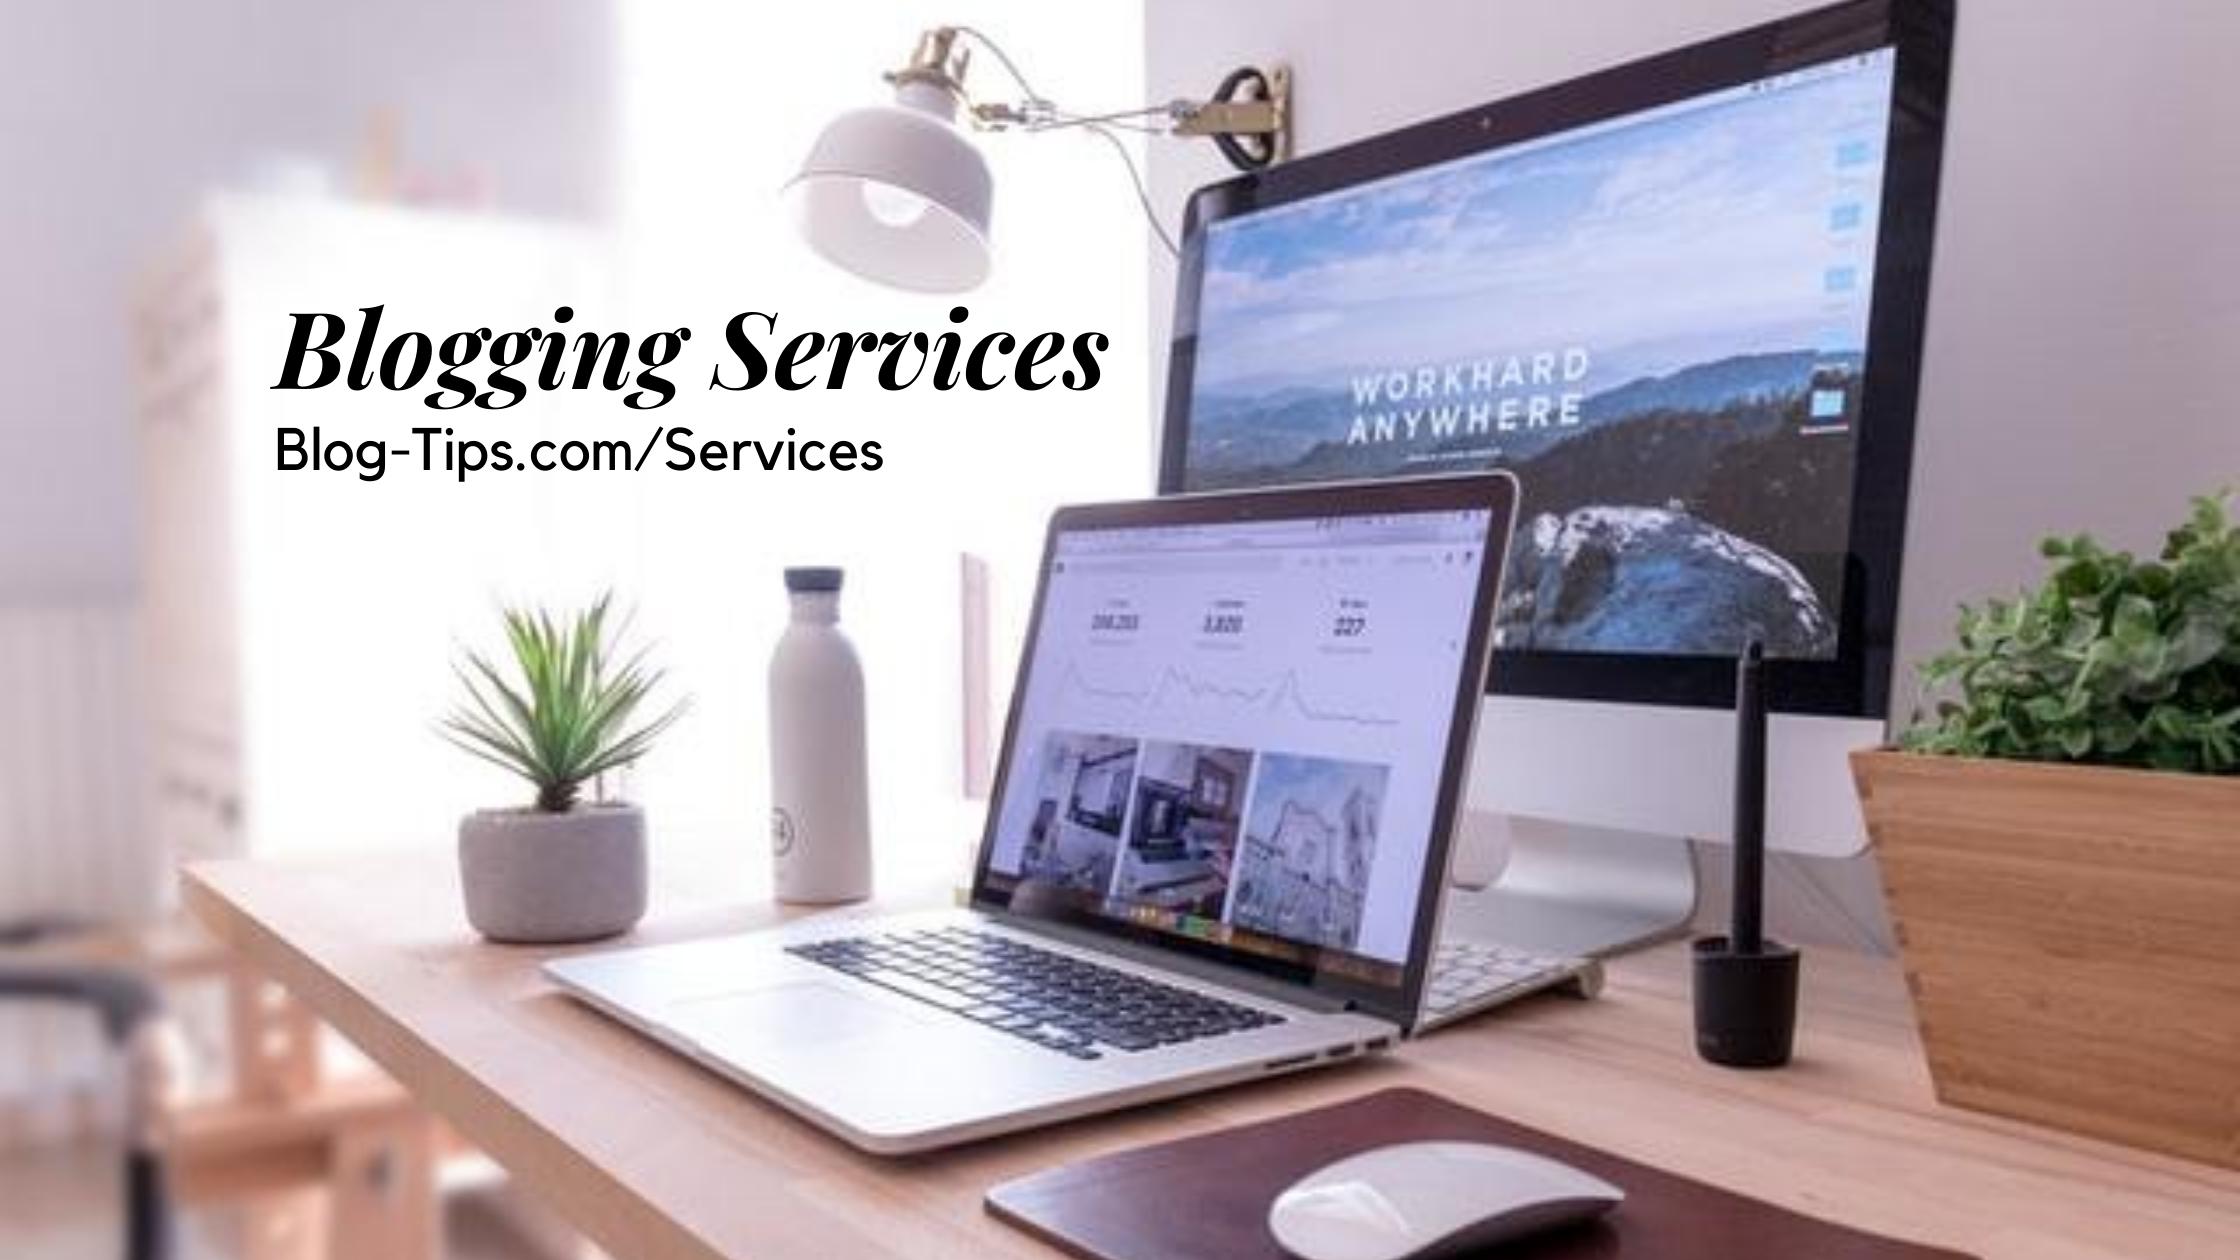 Guest Post + Back Link To Relevant Website Blogging